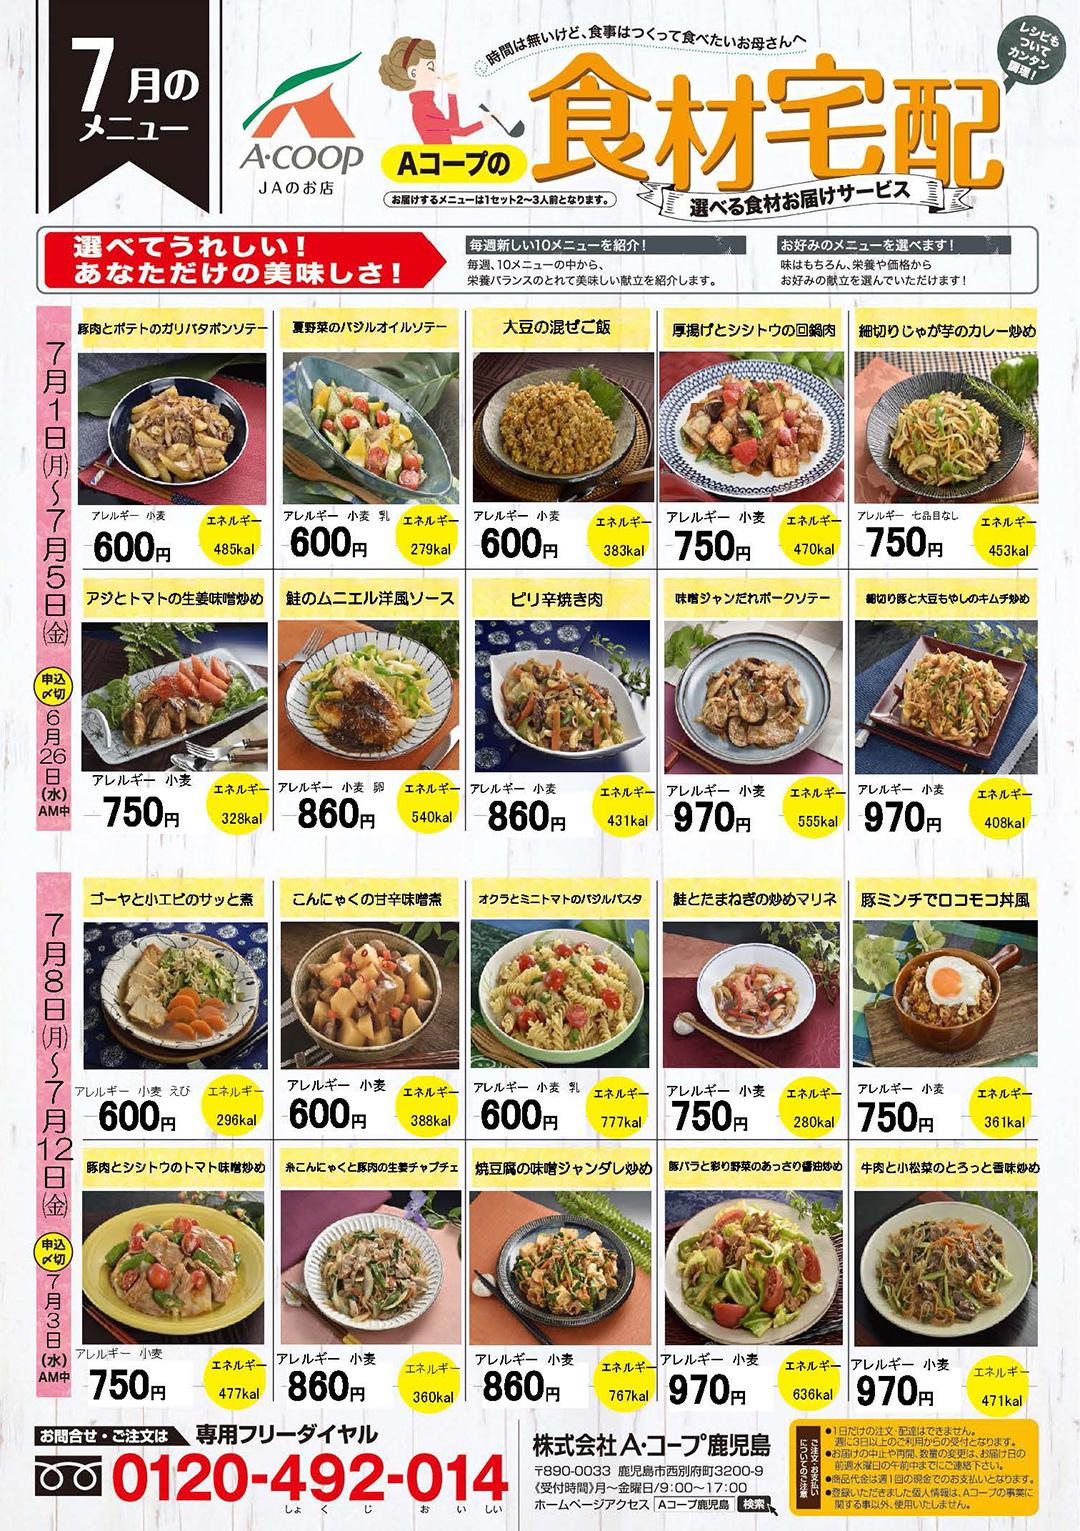 Aコープの食材宅配カレンダー(2019年7月1日-7月12日)